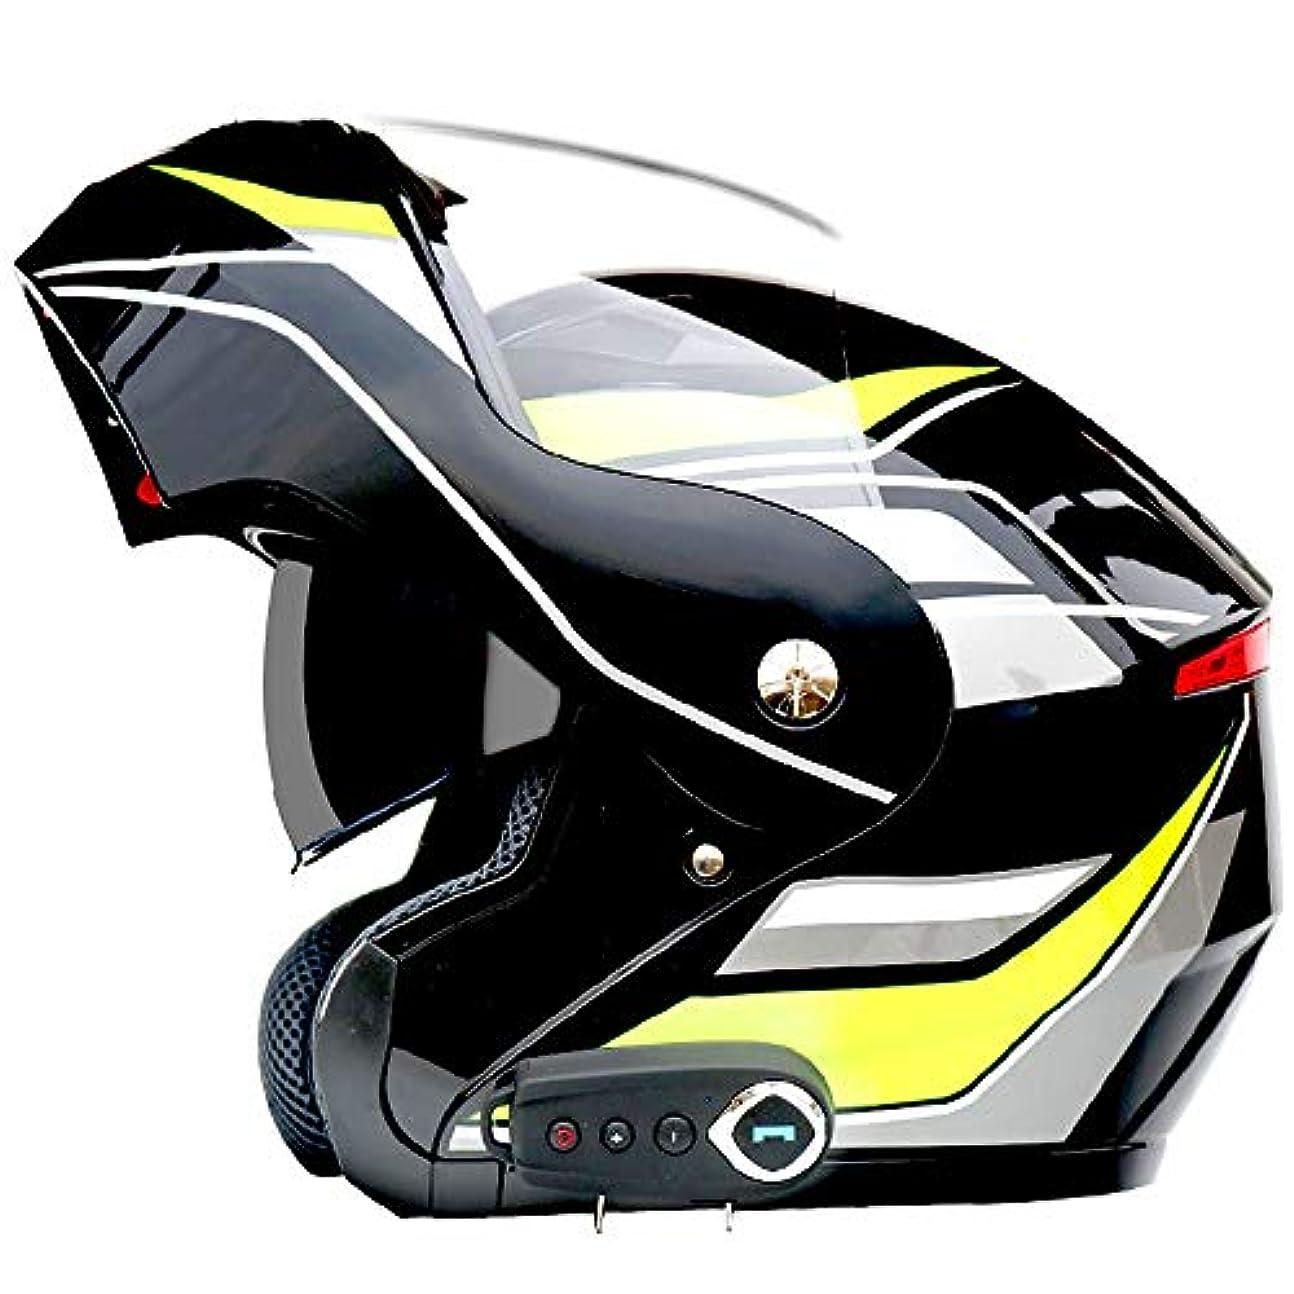 繰り返し農業力強いETH 男性と女性四季ユニバーサル防曇ダブルレンズオートバイのbluetoothヘルメット快適な通気性の多色パターン 保護 (色 : Black b, Size : XL)